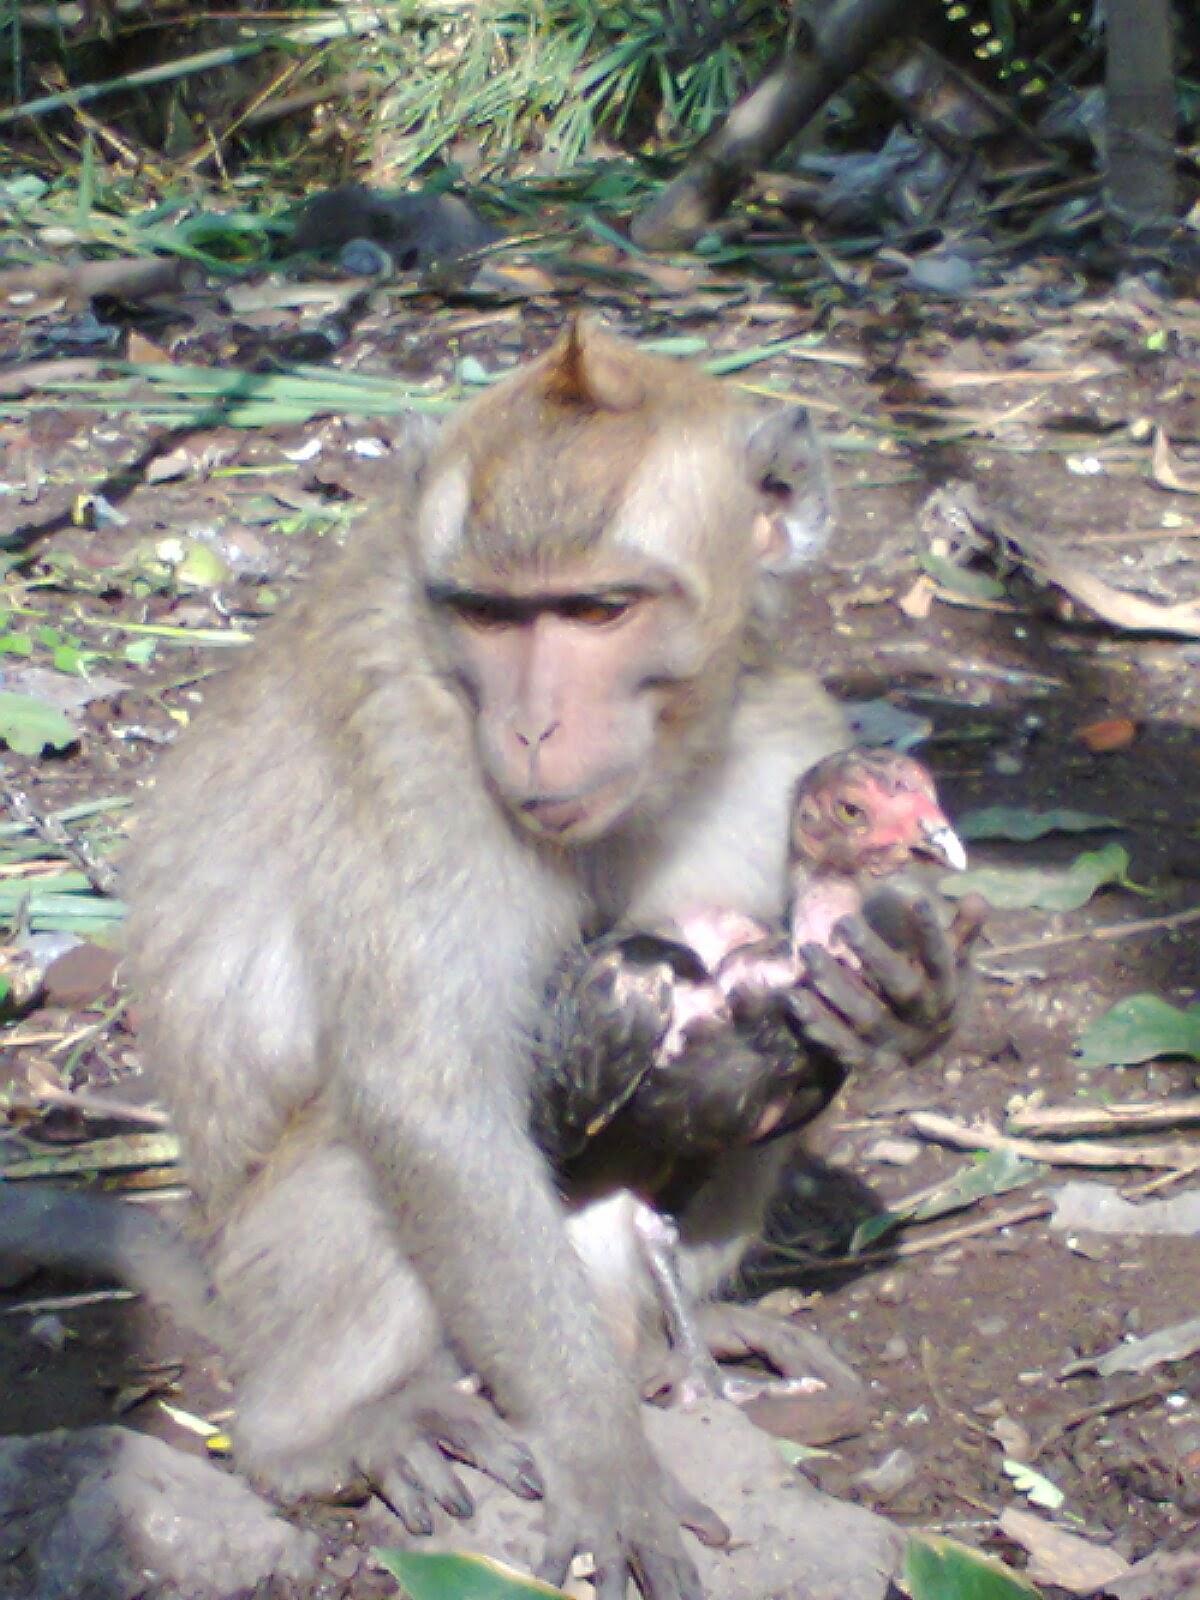 Foto Lucu Binatang Monyet Terbaru Display Picture Unik